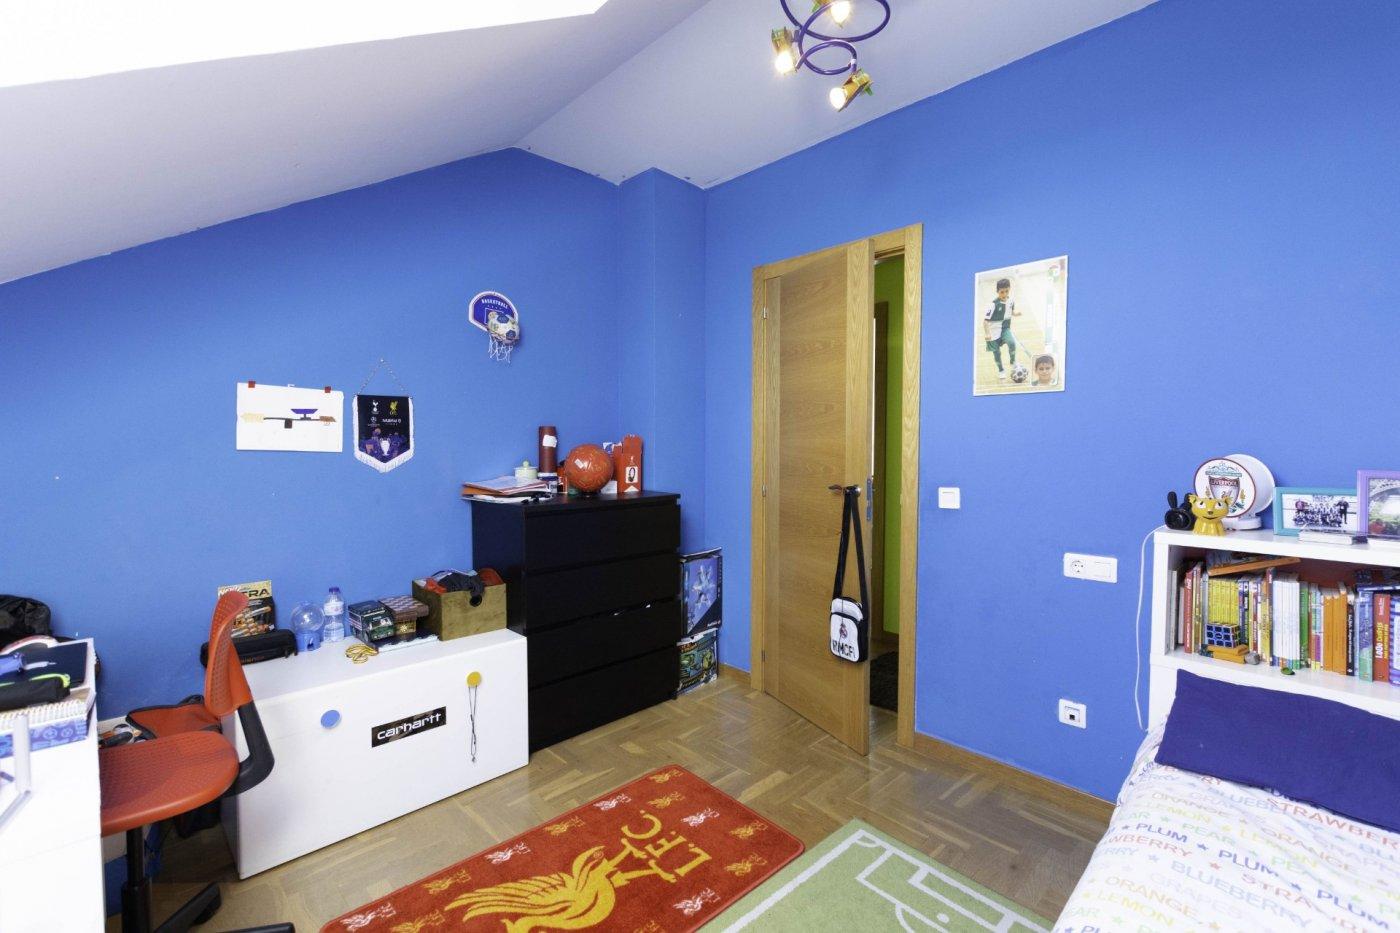 Ático con terraza de 11 m2, a 2 km de salinas - imagenInmueble16